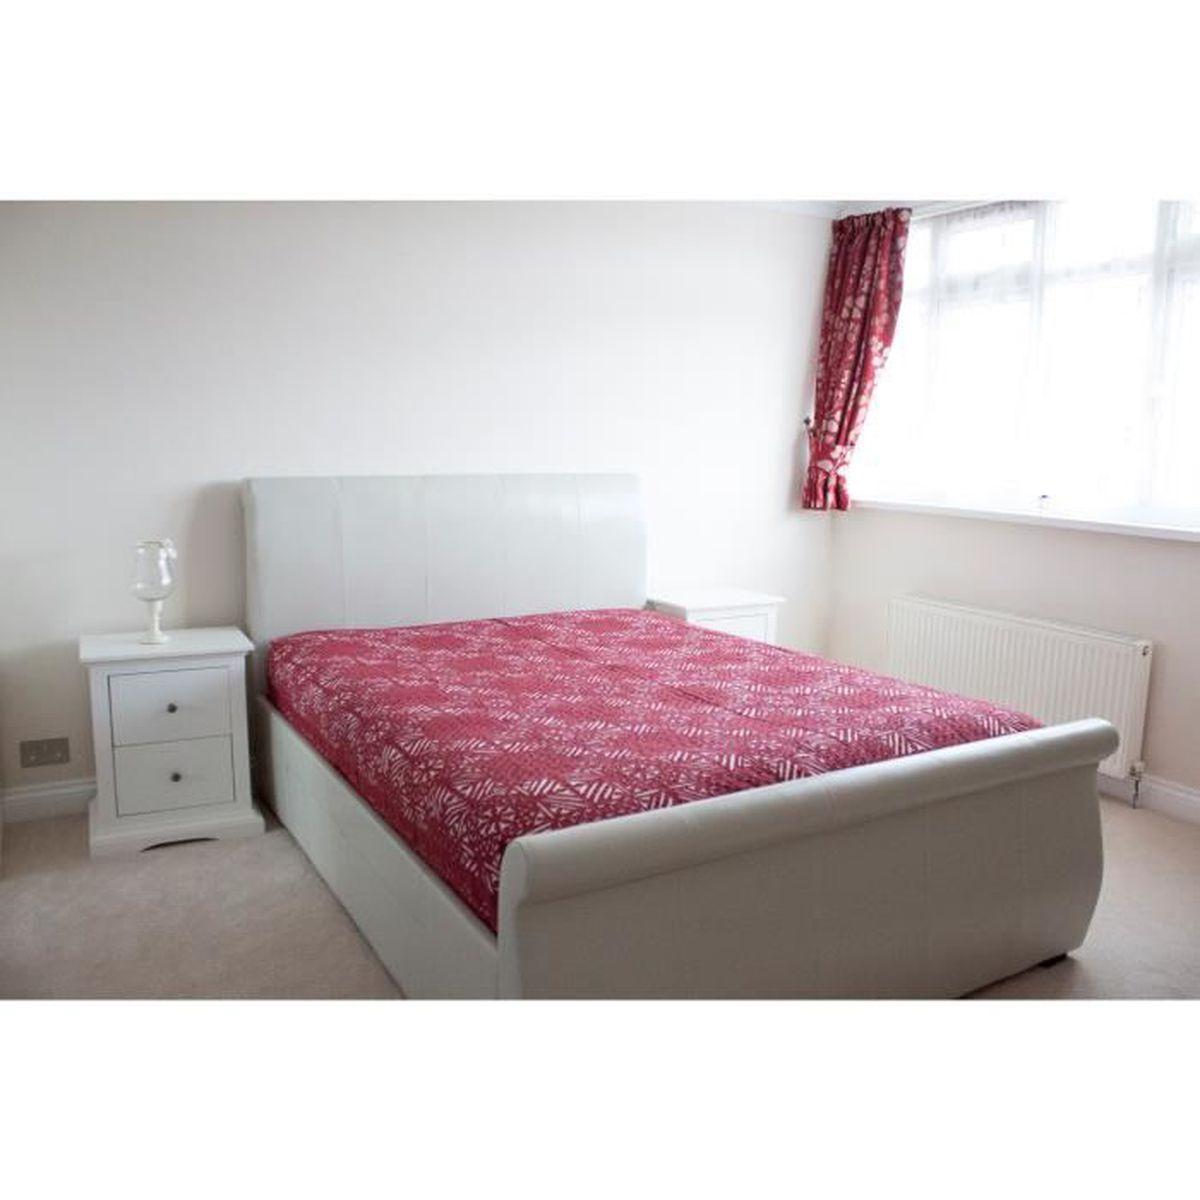 sveze maroon applique cotton drap de lit super king achat vente drap plat cdiscount. Black Bedroom Furniture Sets. Home Design Ideas